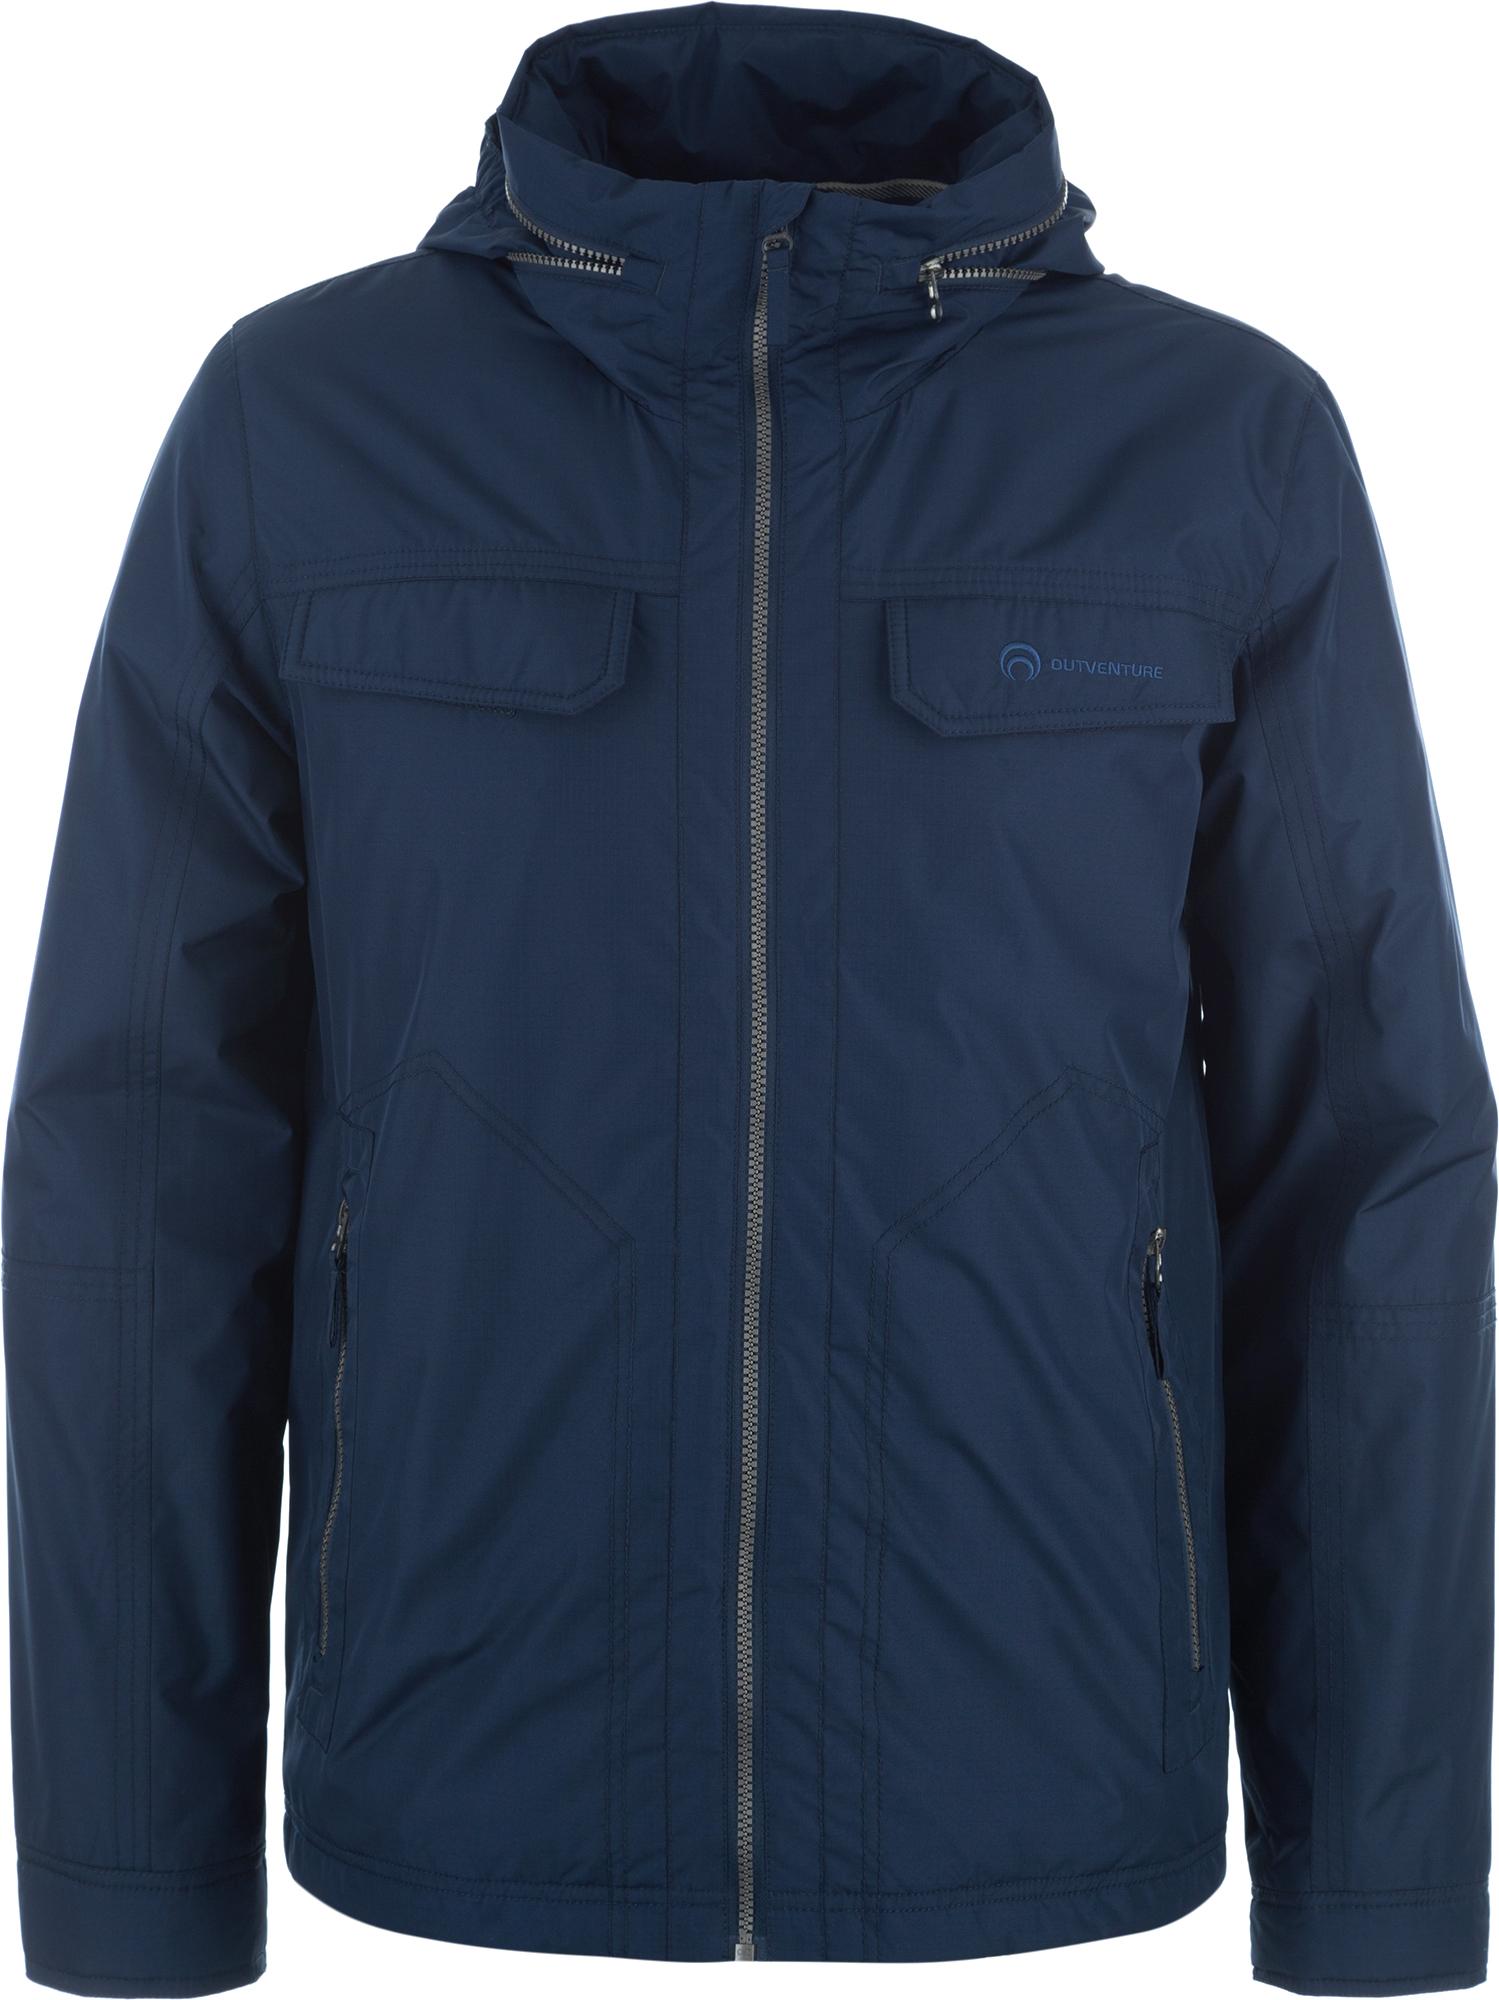 купить Outventure Куртка утепленная мужская Outventure, размер 54 по цене 3499 рублей